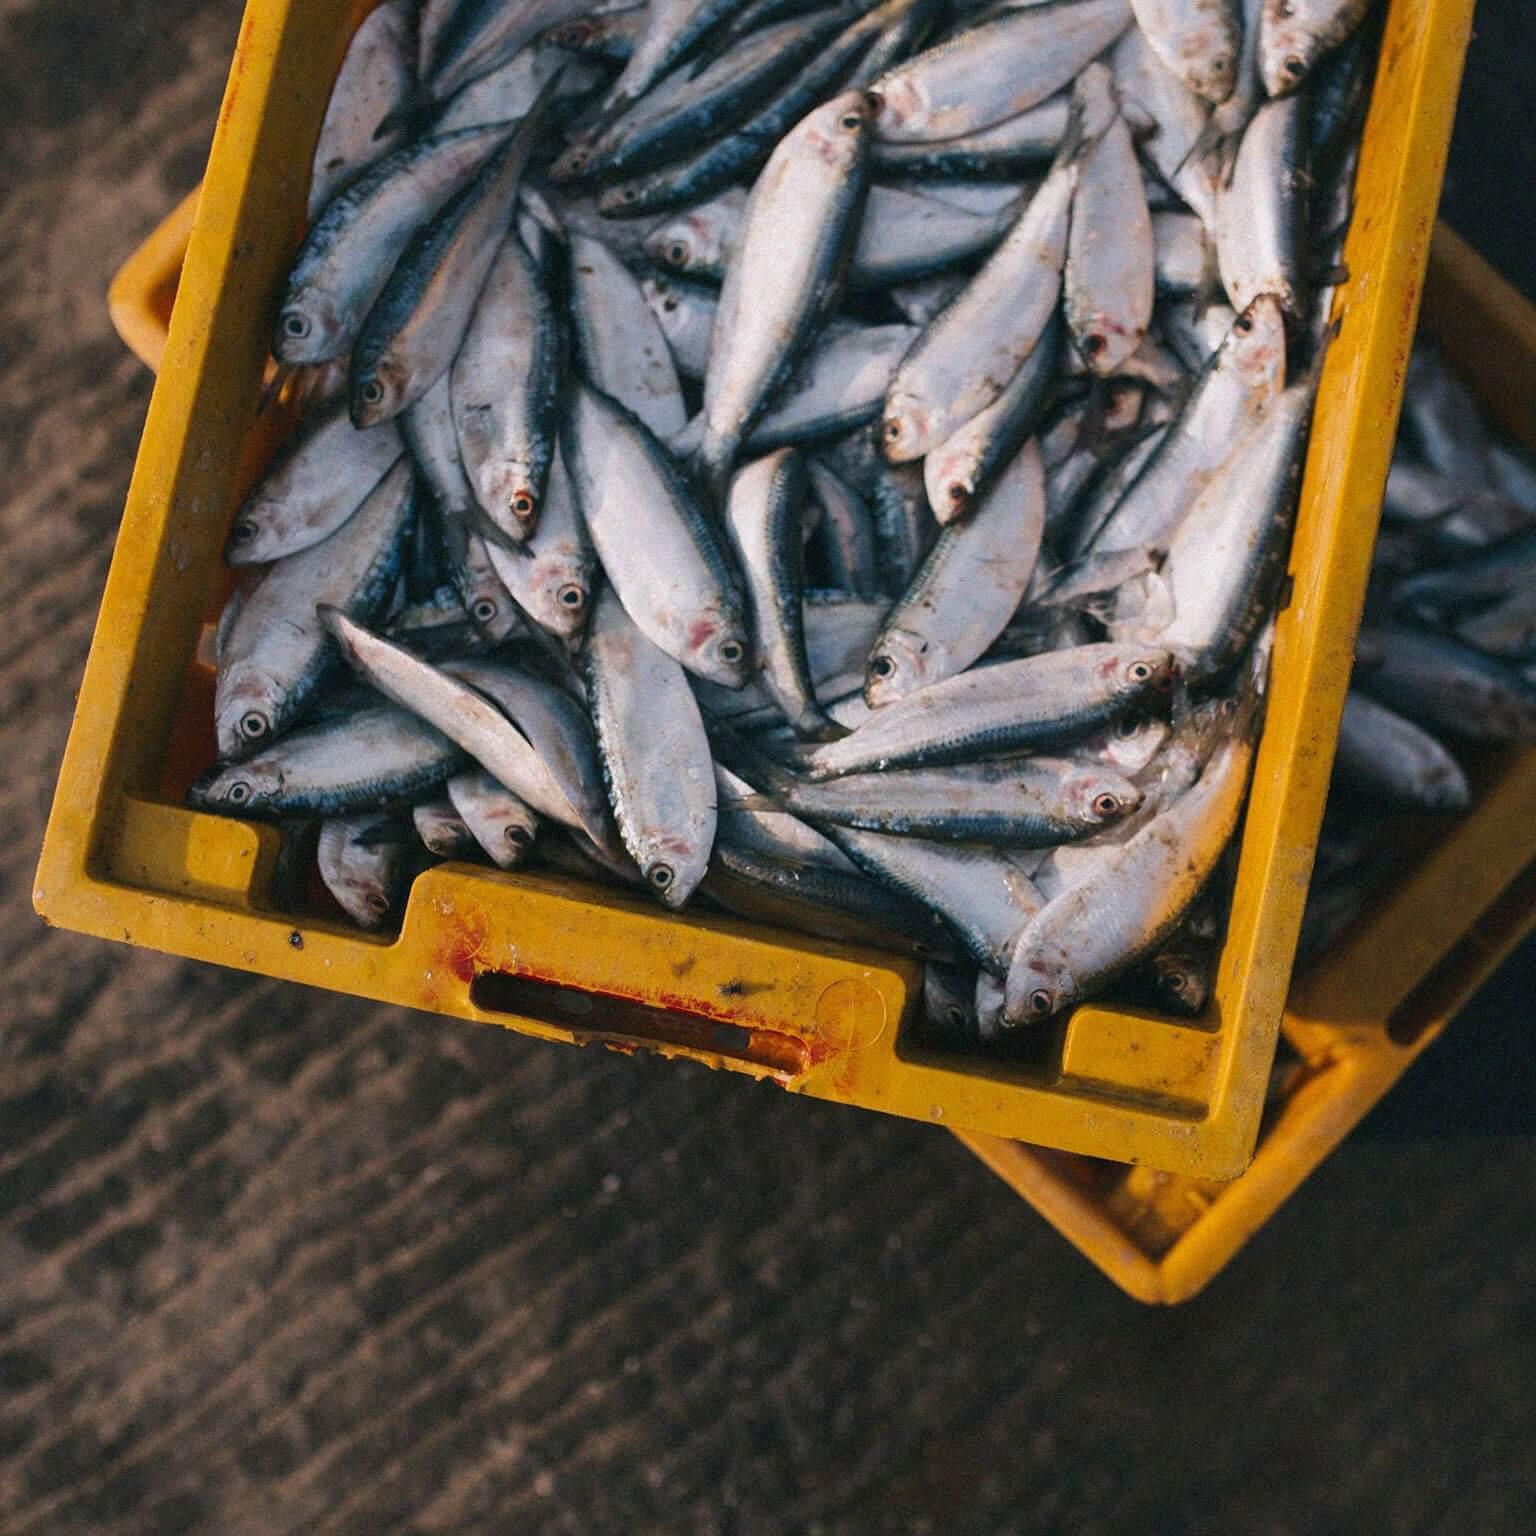 pescado-produccion-consumo-responsables-azti